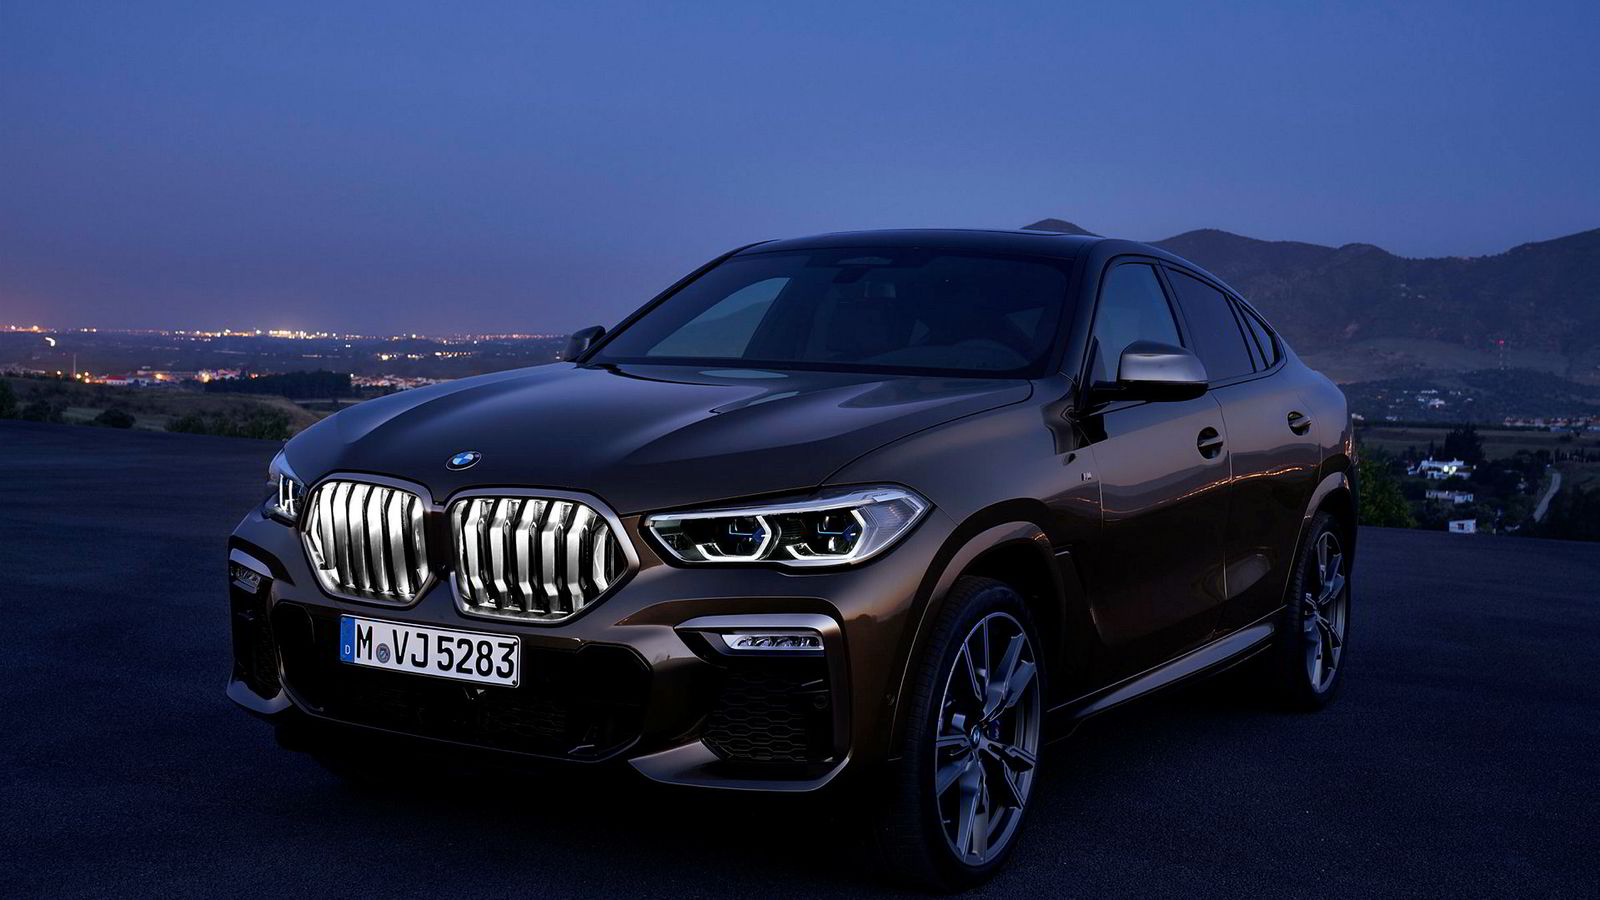 Grillen på den nye generasjonen BMW X6 kan lyses opp.